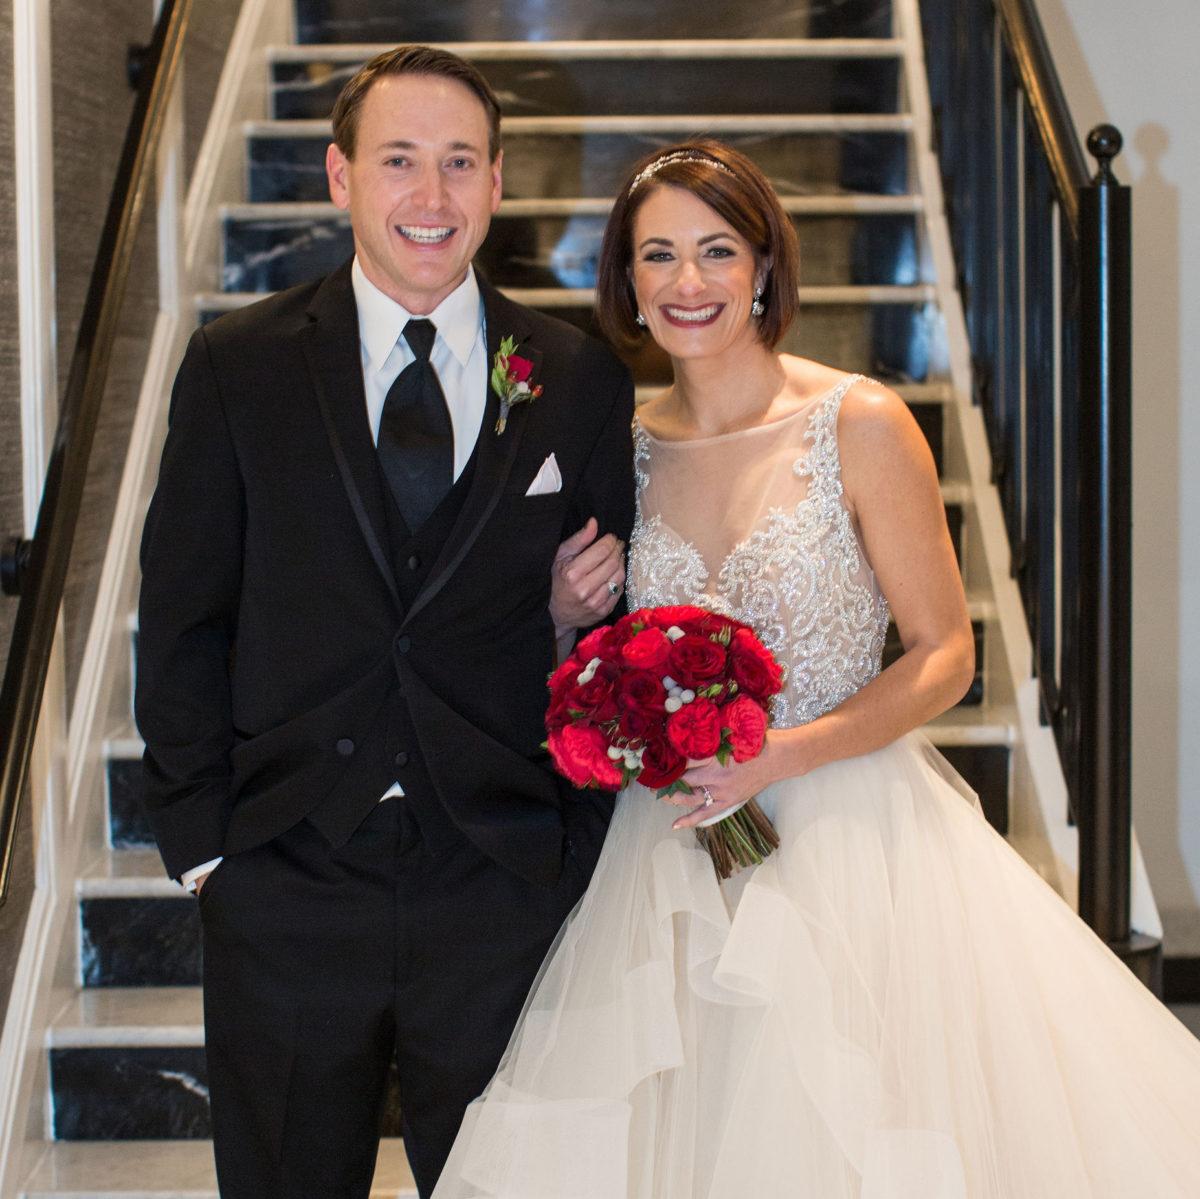 Alicia Kieninger, '01 MD, with husband, Mark Mantay, '00 JD